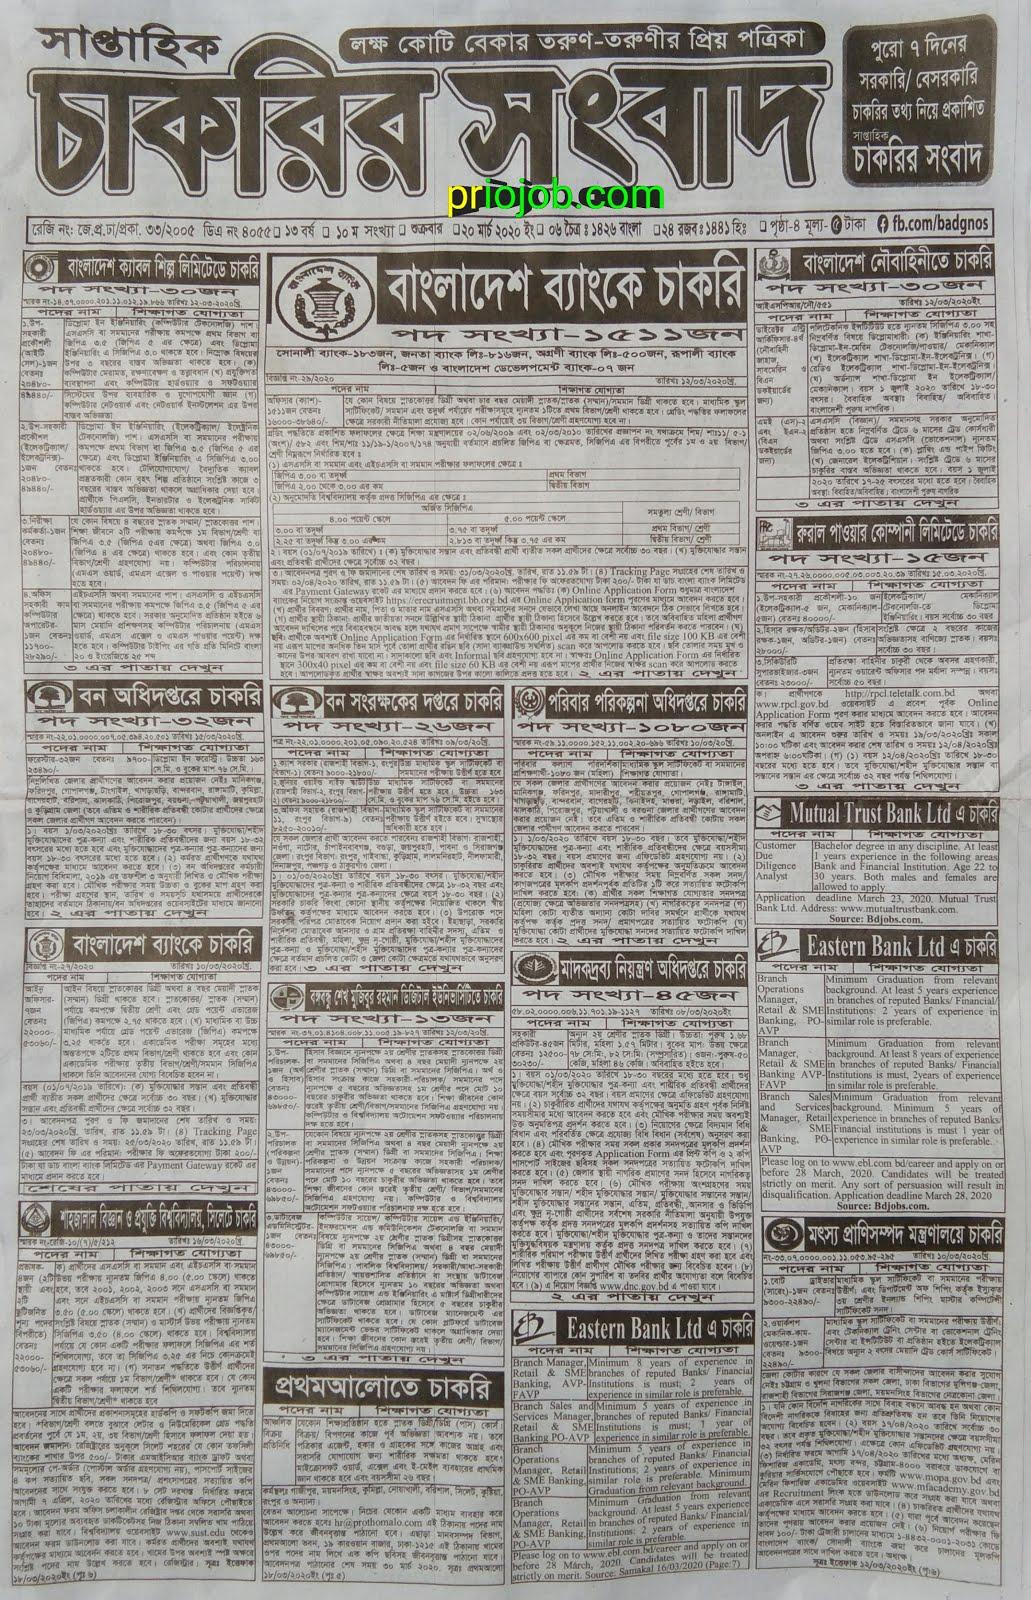 চাকরির সংবাদ সাপ্তাহিক চাকরির খবর ২৭ মার্চ ২০২০